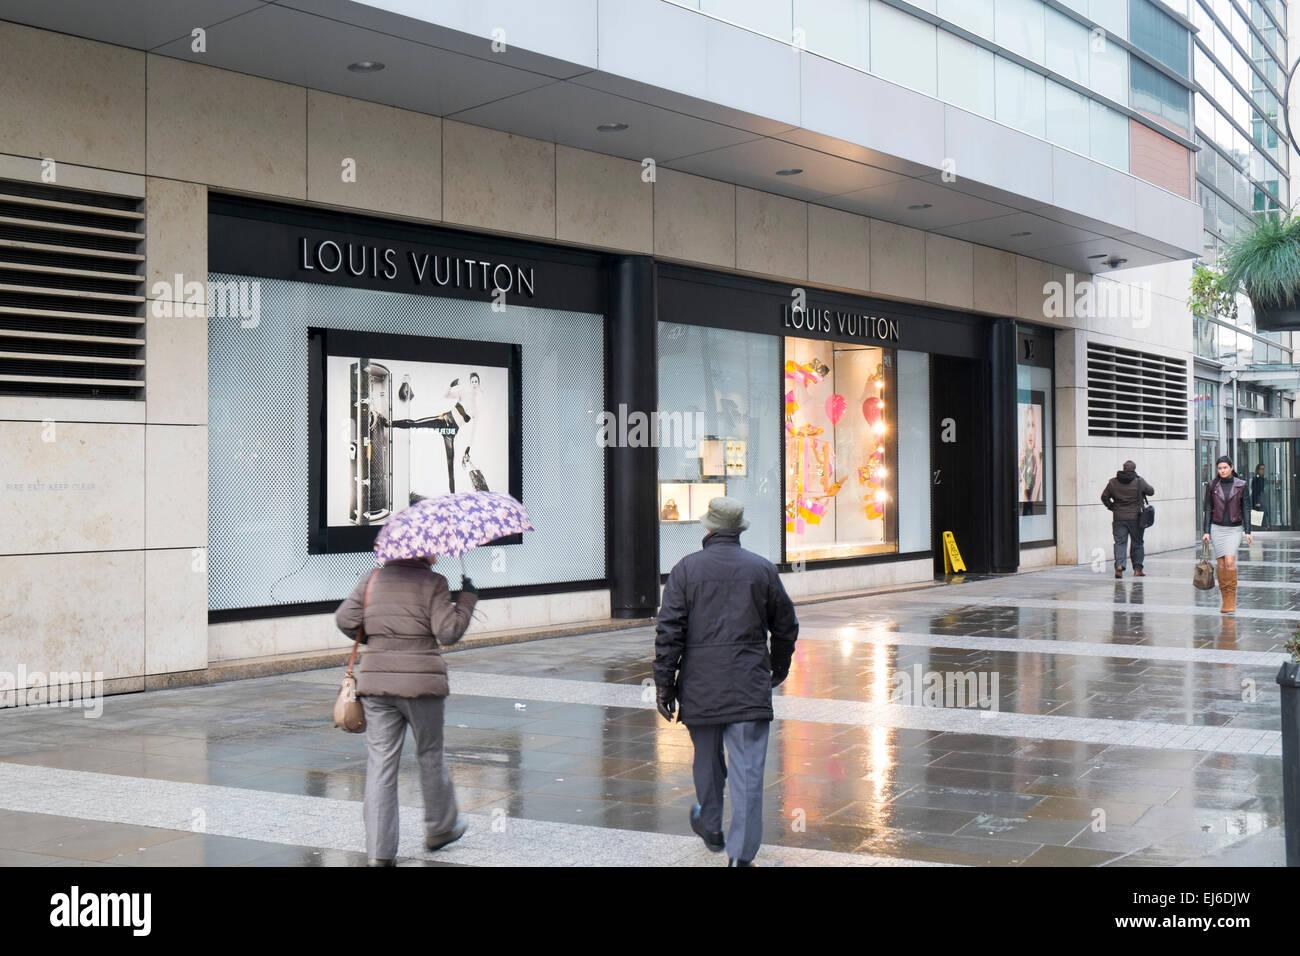 af37ccc8dd Louis Vuitton shop magasin dans le centre-ville de Manchester, Manchester  en Angleterre